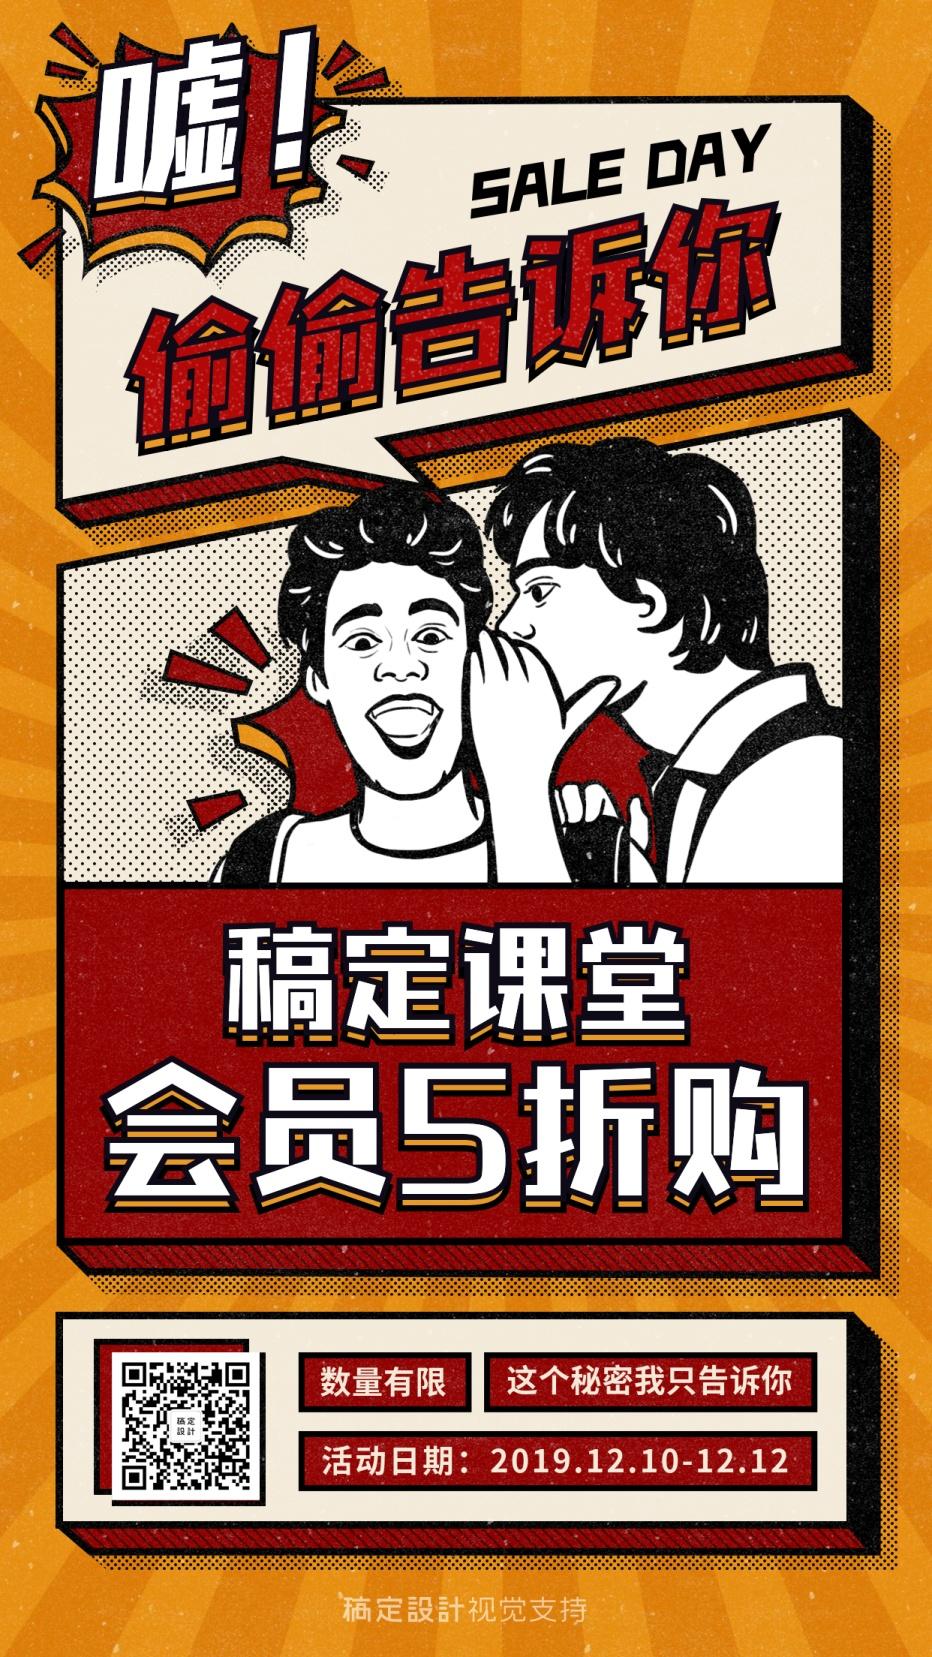 国庆会员5折购/创意手绘/卡通漫画/手机海报